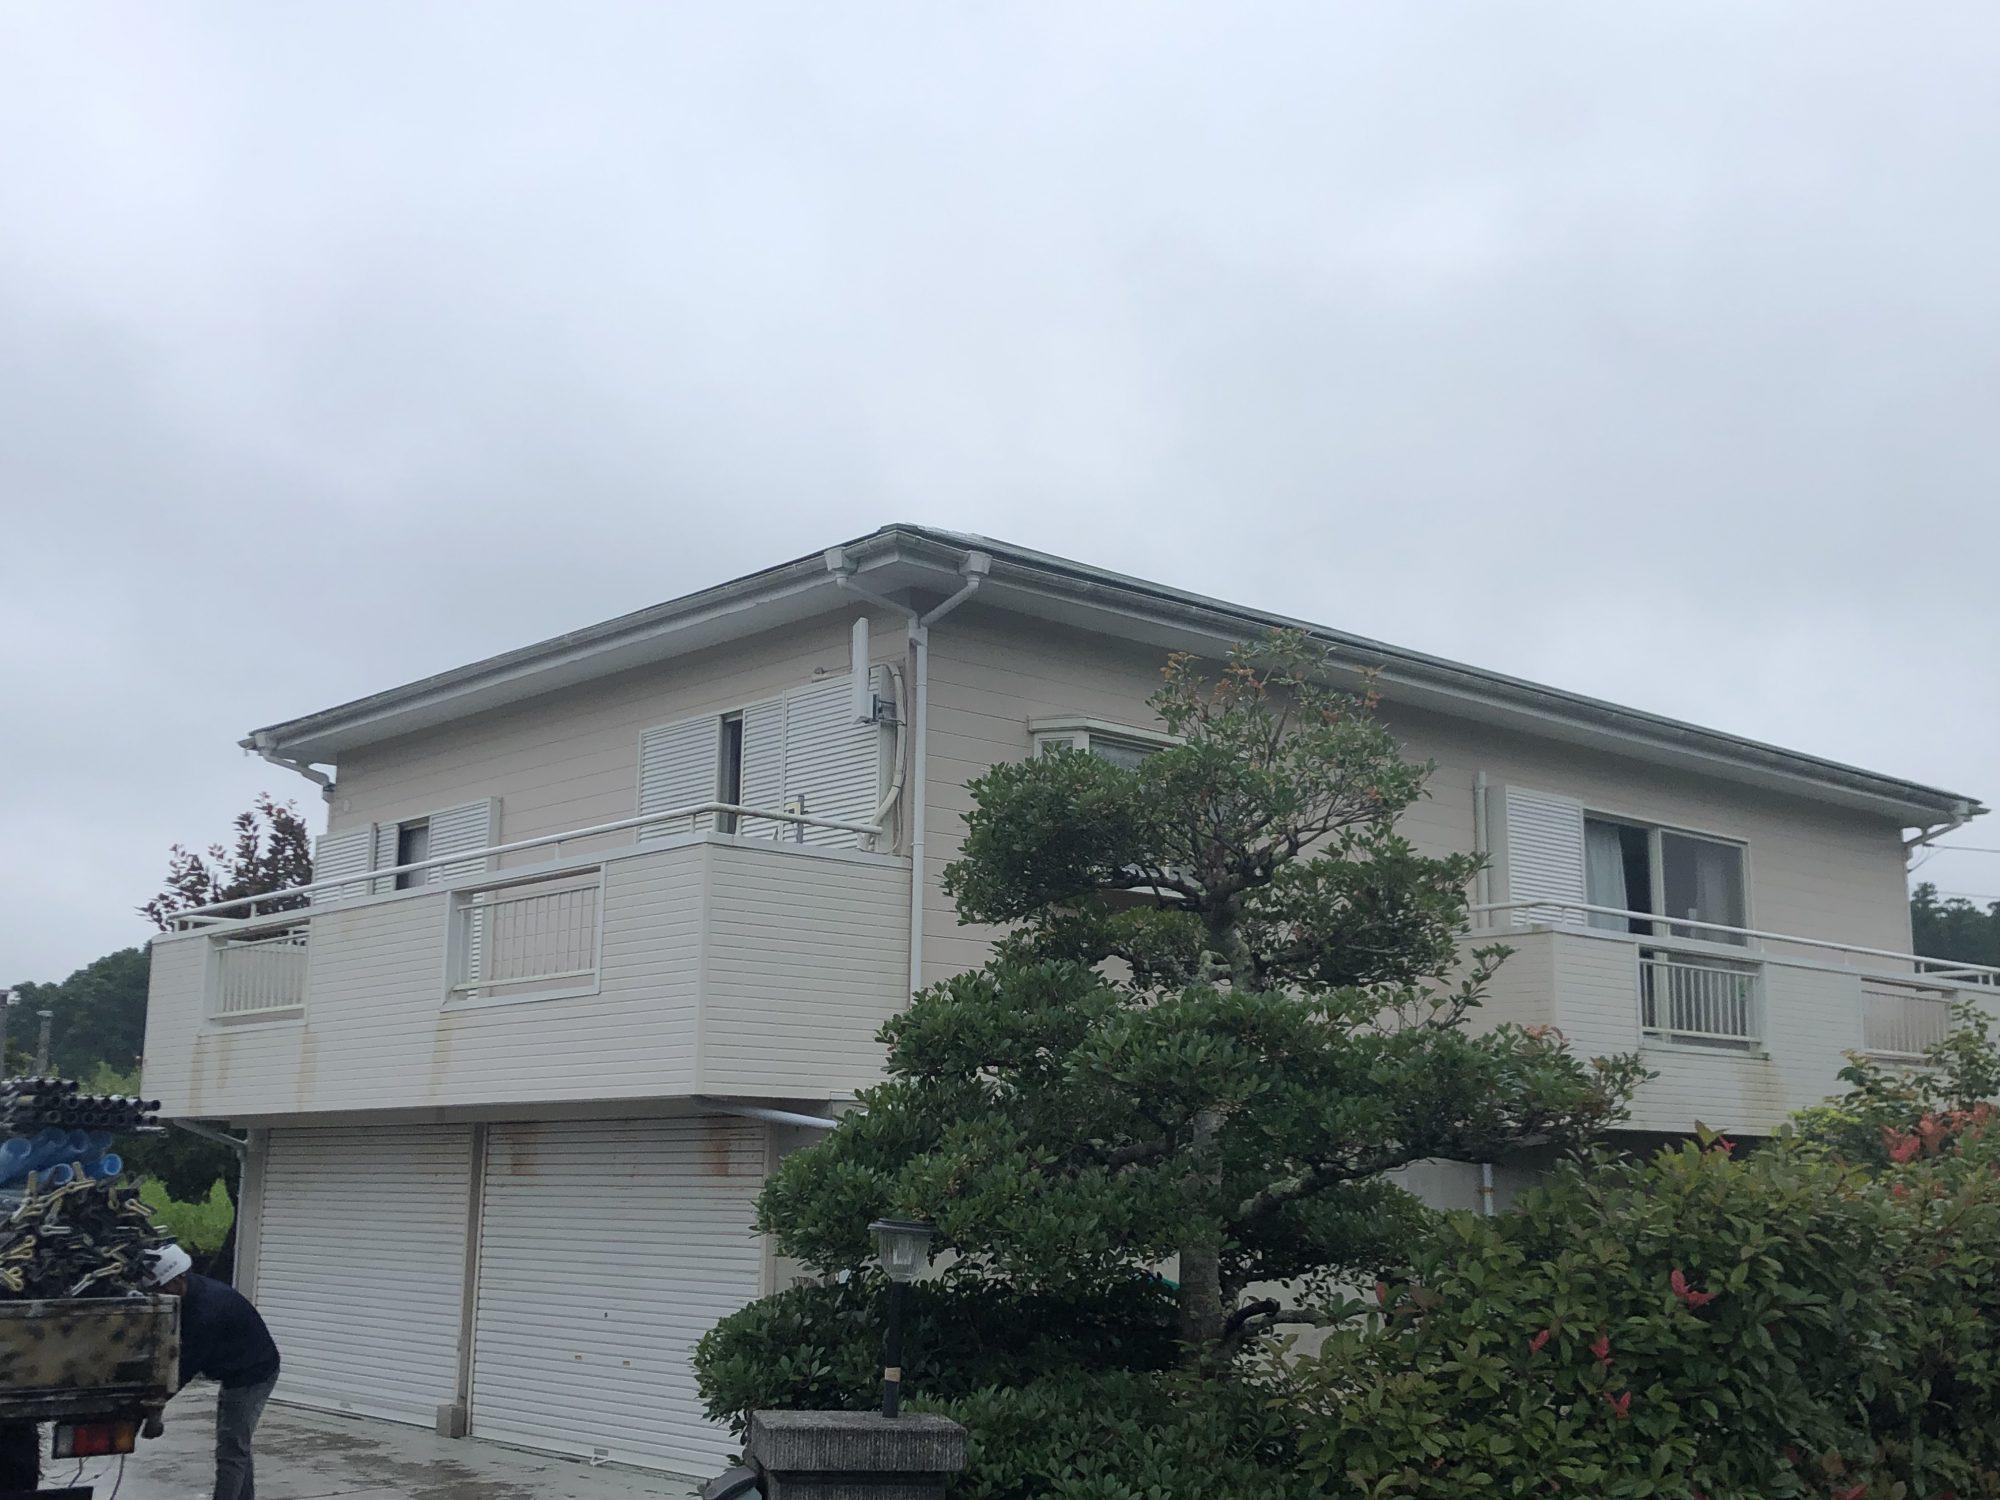 いすみ市O様邸屋根外壁塗装工事 Before